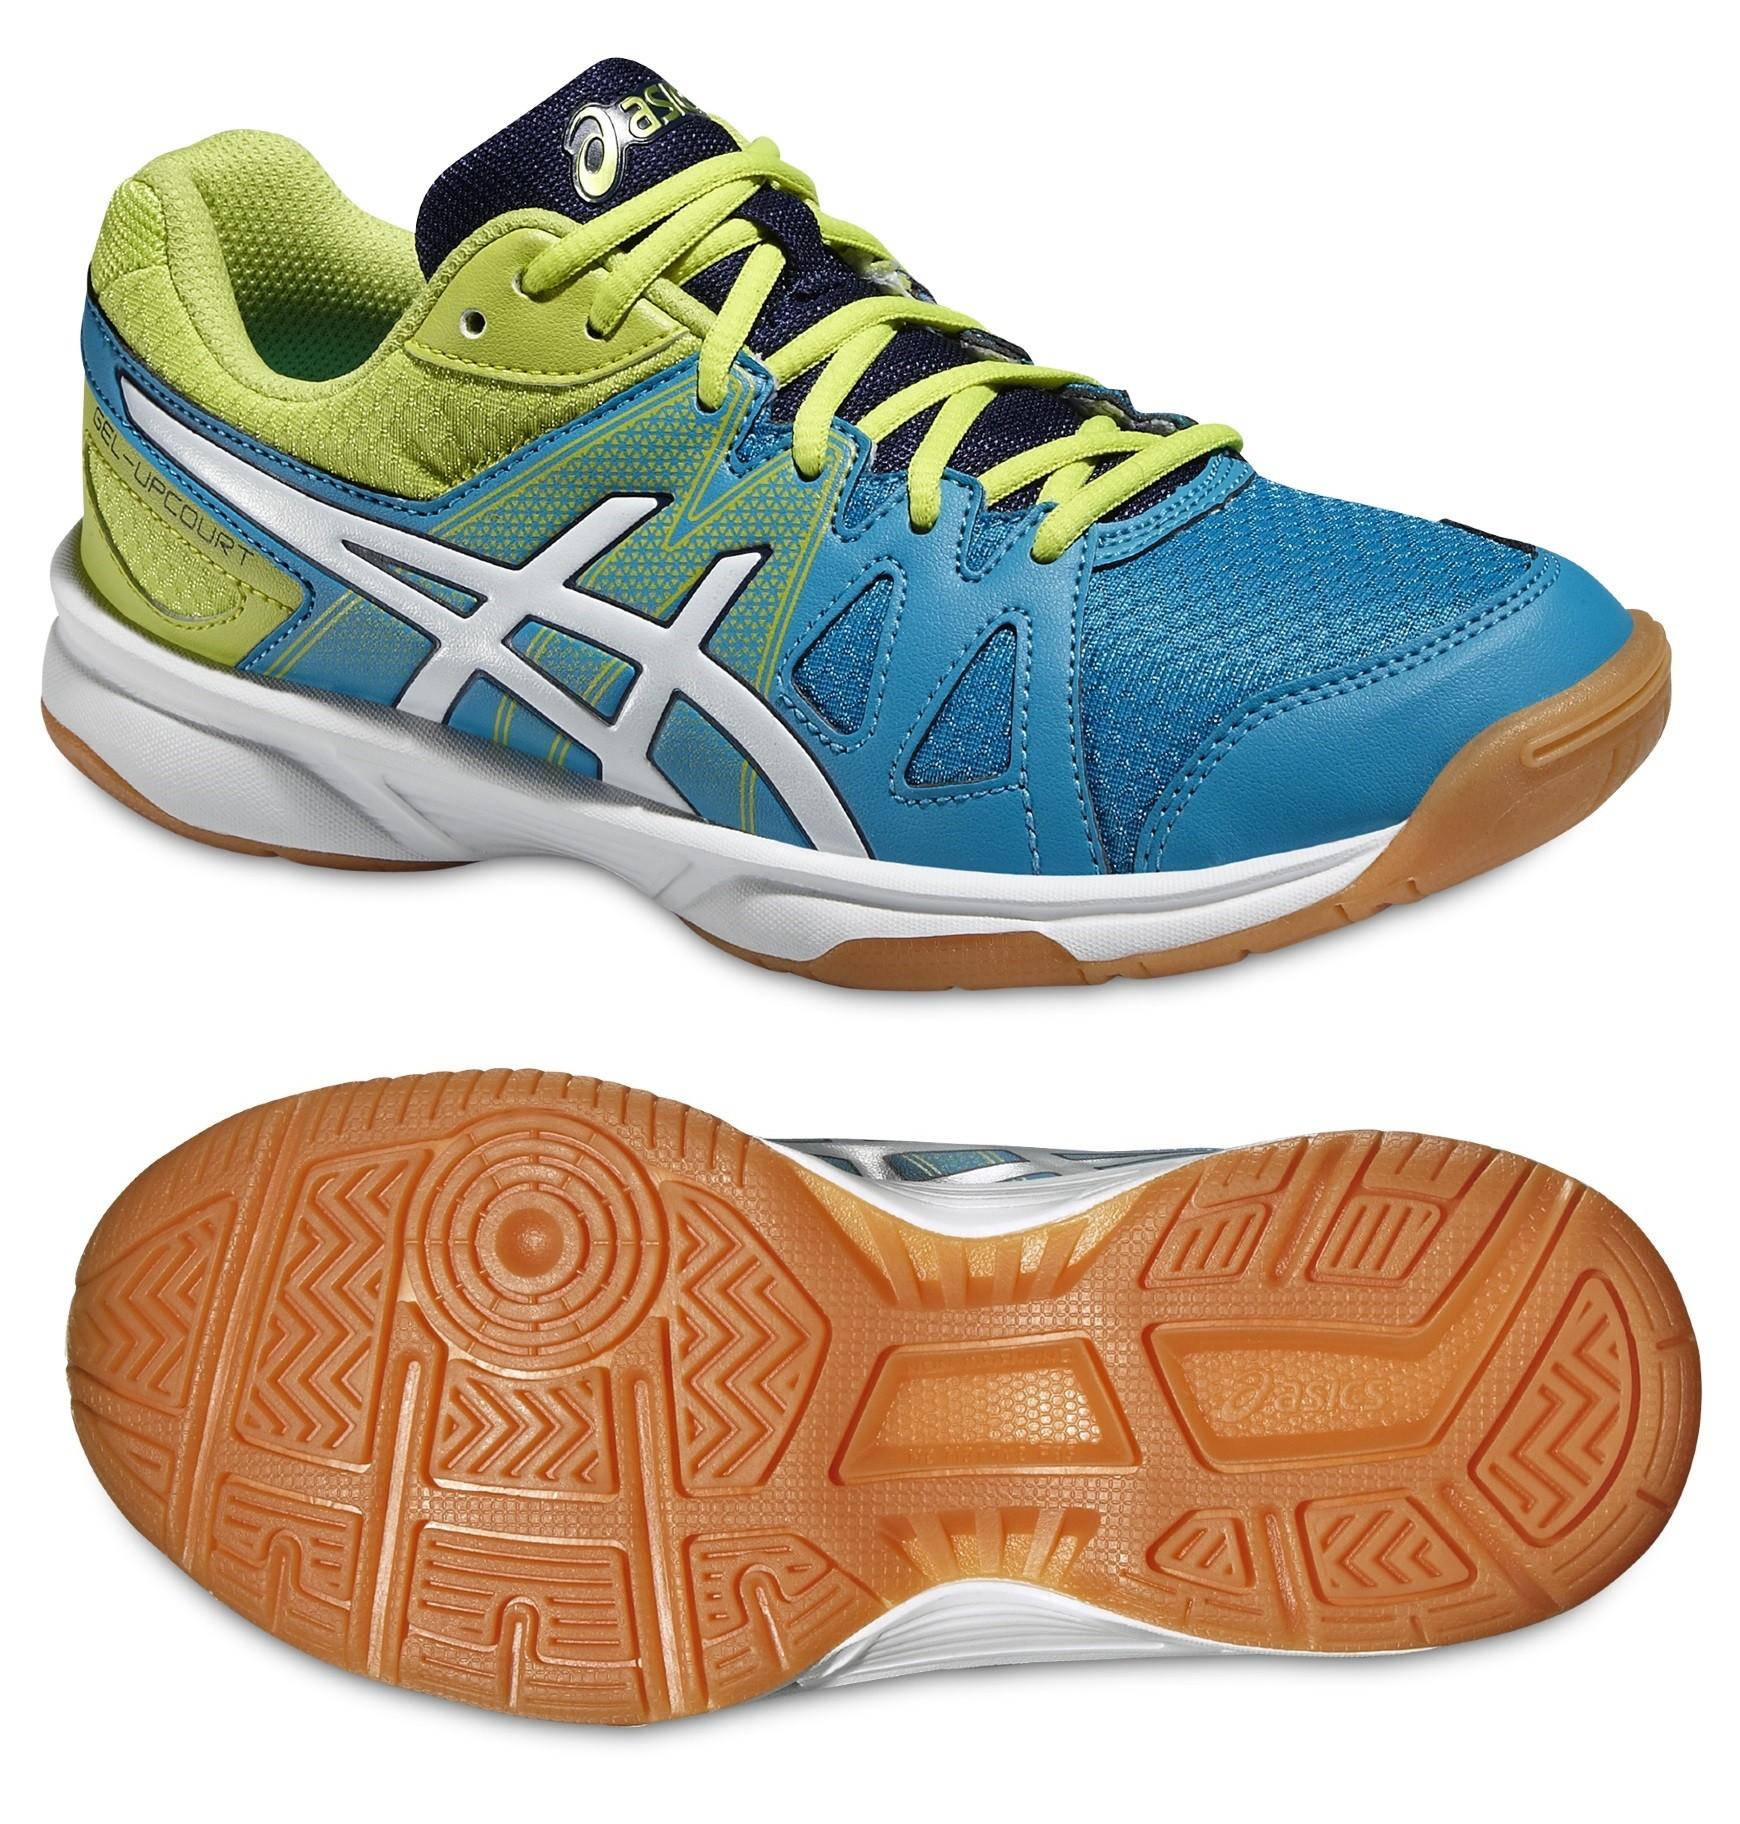 Dětská sálová - halová obuv Asics Gel Upcourt GS C413N-4201 modro-zelená 8eef3a3cc2